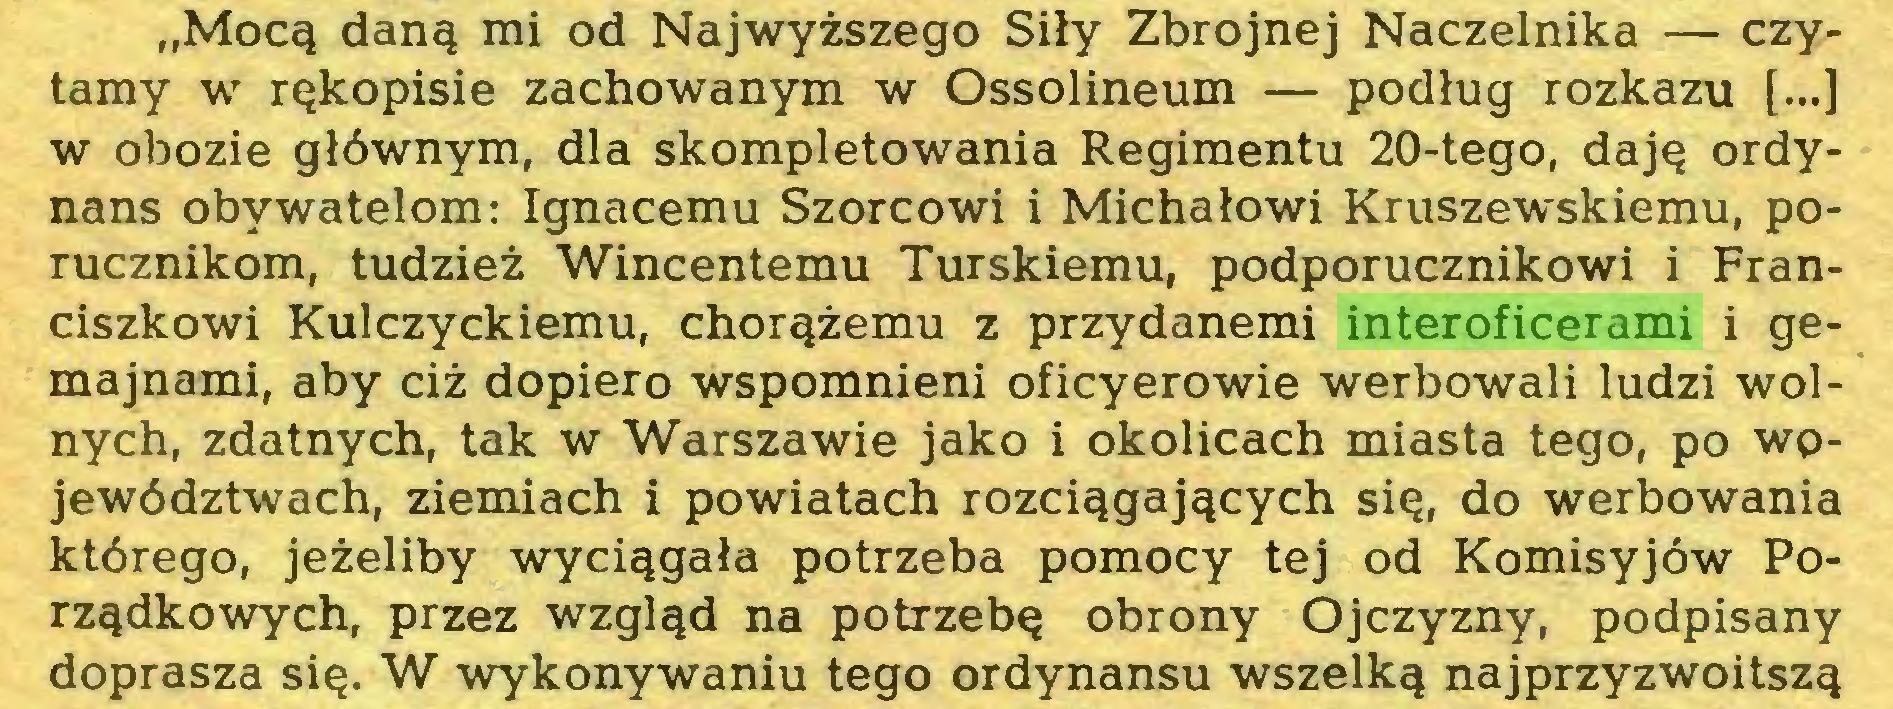 """(...) """"Mocą daną mi od Najwyższego Siły Zbrojnej Naczelnika — czytamy w rękopisie zachowanym w Ossolineum — podług rozkazu [...] w obozie głównym, dla skompletowania Regimentu 20-tego, daję ordynans obywatelom: Ignacemu Szorcowi i Michałowi Kruszewskiemu, porucznikom, tudzież Wincentemu Turskiemu, podporucznikowi i Franciszkowi Kulczyckiemu, chorążemu z przydanemi interoficerami i gemajnami, aby ciż dopiero wspomnieni oficyerowie werbowali ludzi wolnych, zdatnych, tak w Warszawie jako i okolicach miasta tego, po województwach, ziemiach i powiatach rozciągających się, do werbowania którego, jeżeliby wyciągała potrzeba pomocy tej od Komisyjów Porządkowych, przez wzgląd na potrzebę obrony Ojczyzny, podpisany doprasza się. W wykonywaniu tego ordynansu wszelką najprzyzwoitszą..."""